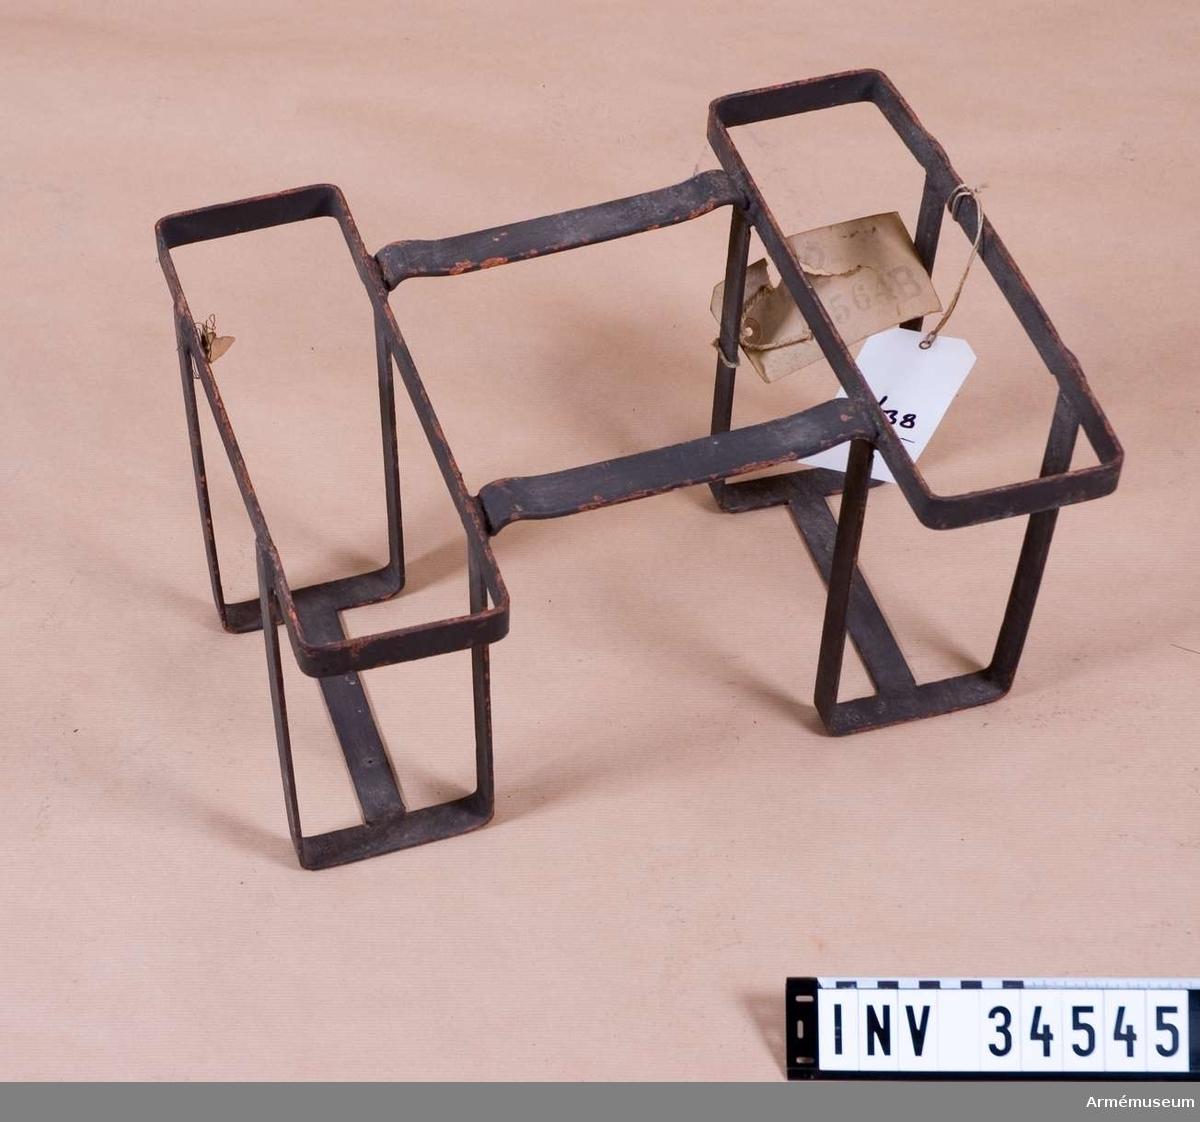 Grupp K I. Hållare till två lådor för vinggranater till granatkastare